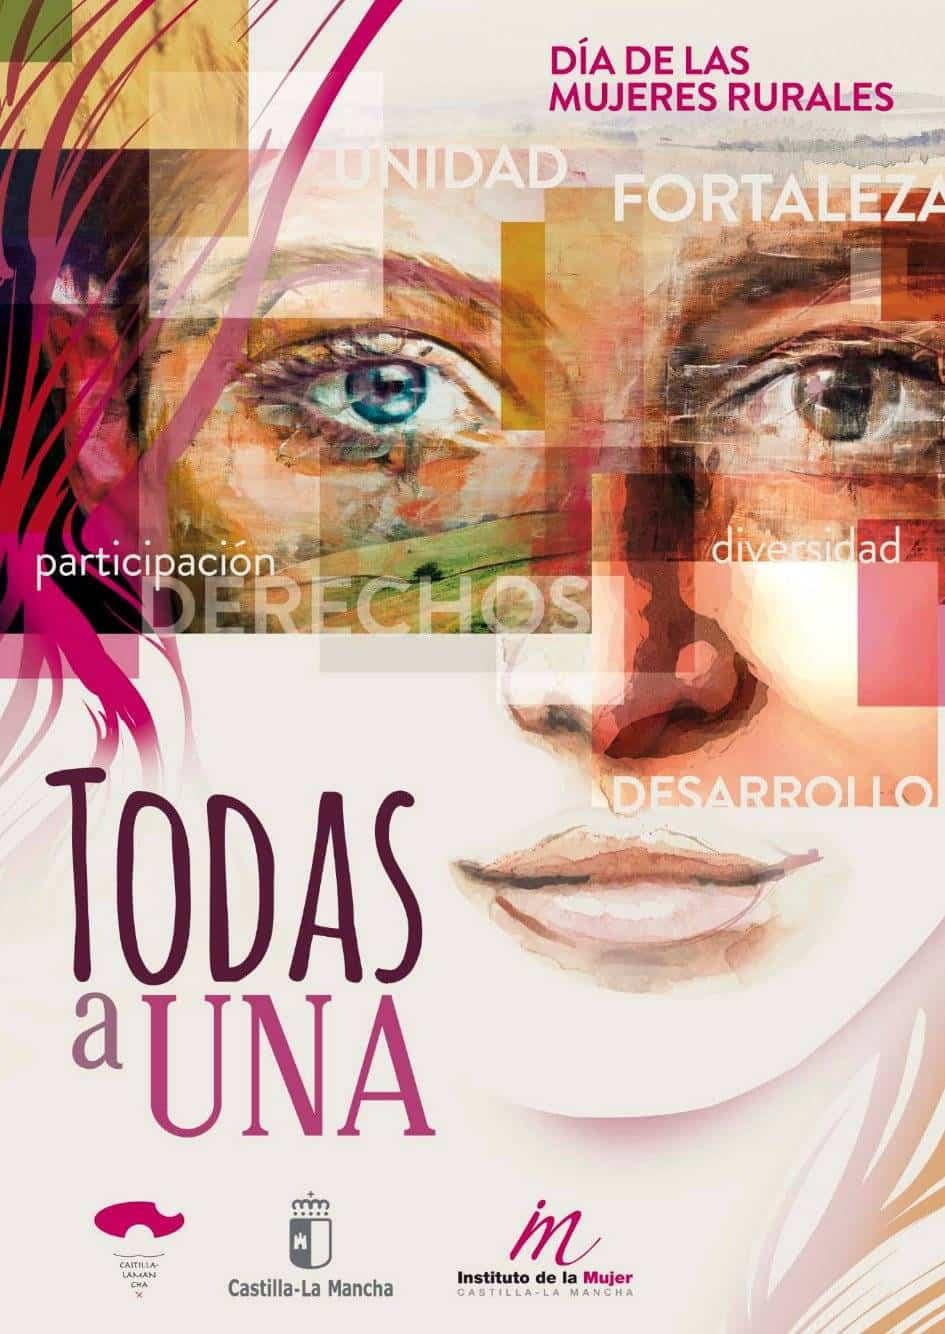 dia internacional de la mujer rural herencia - Conmemoración del Día Internacional de la Mujer Rural en Herencia